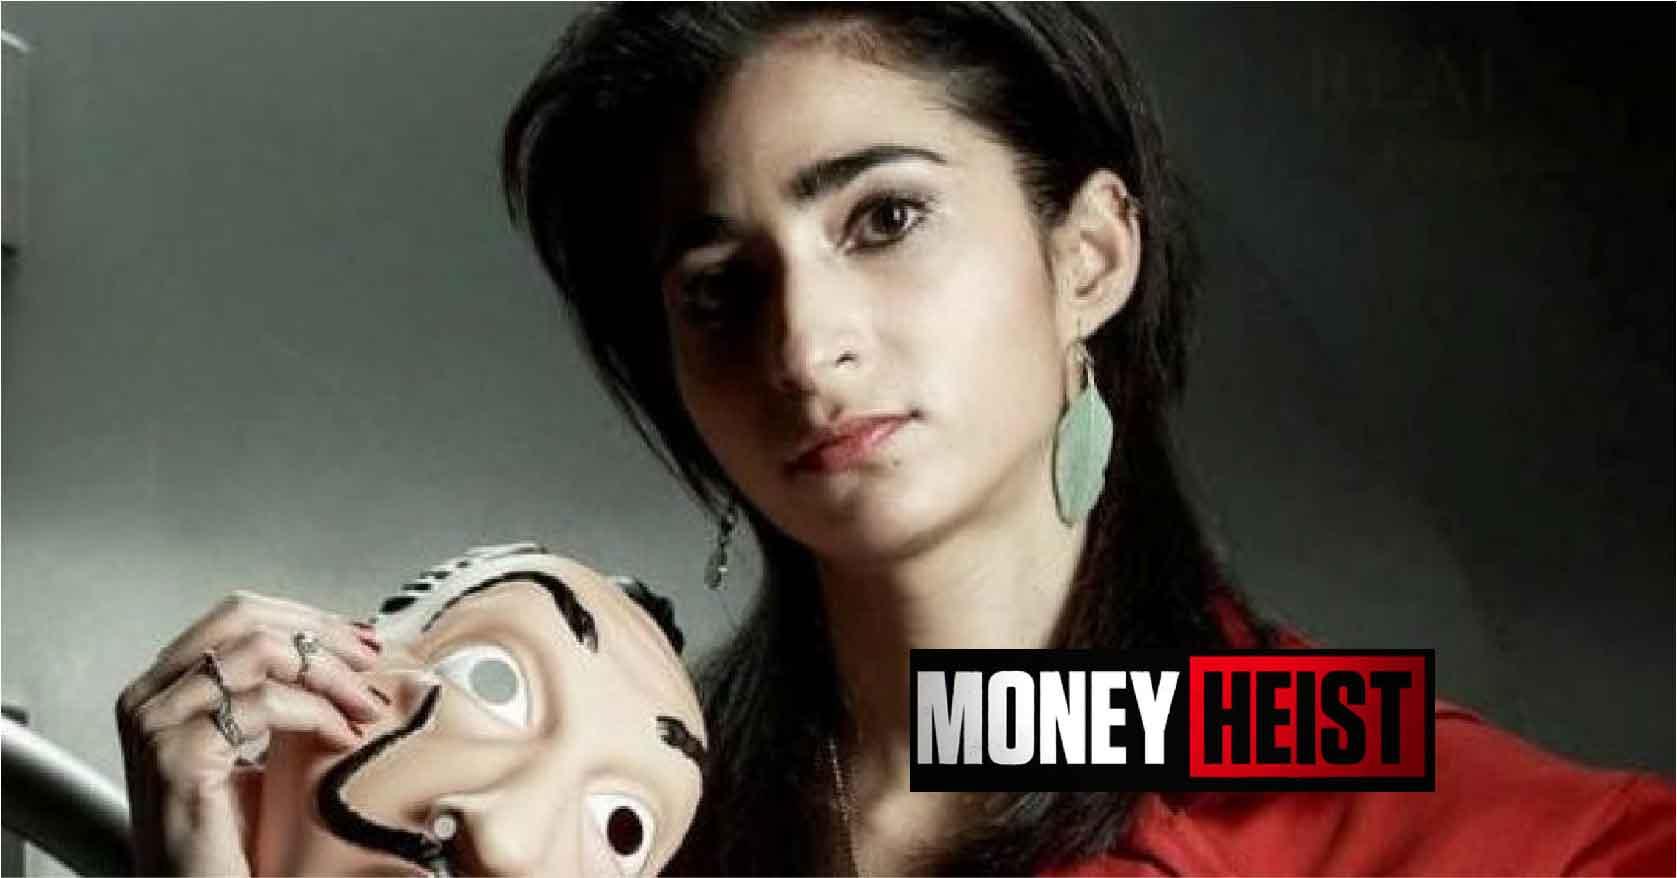 La casa de pape season 5, La casa de pape, Money Heist season 5 trailer, Money Heist season 5 release date